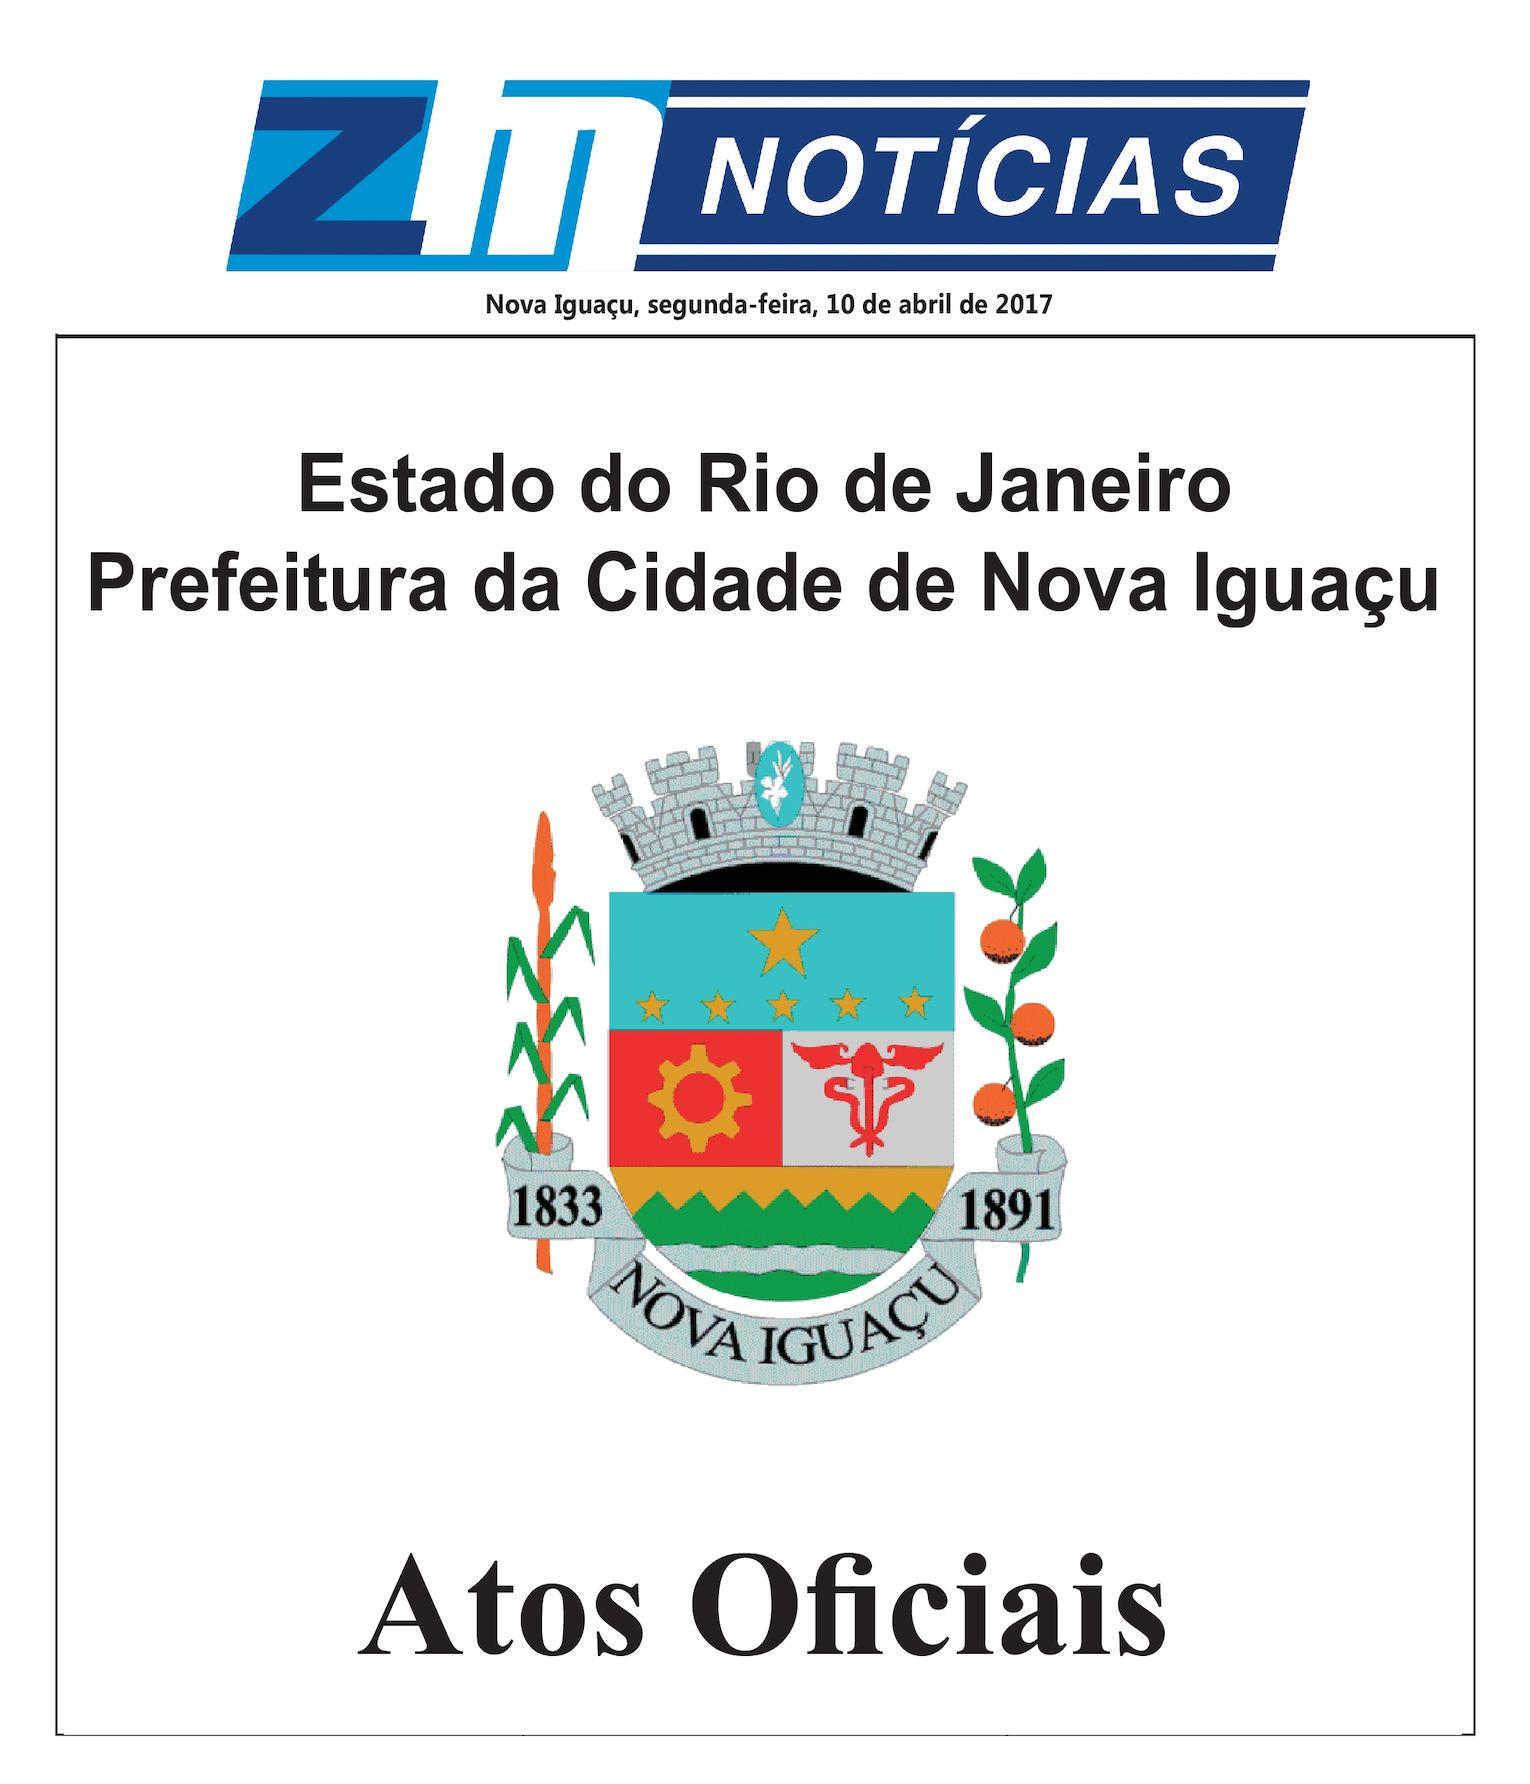 P C N I Atos Oficiais 100417